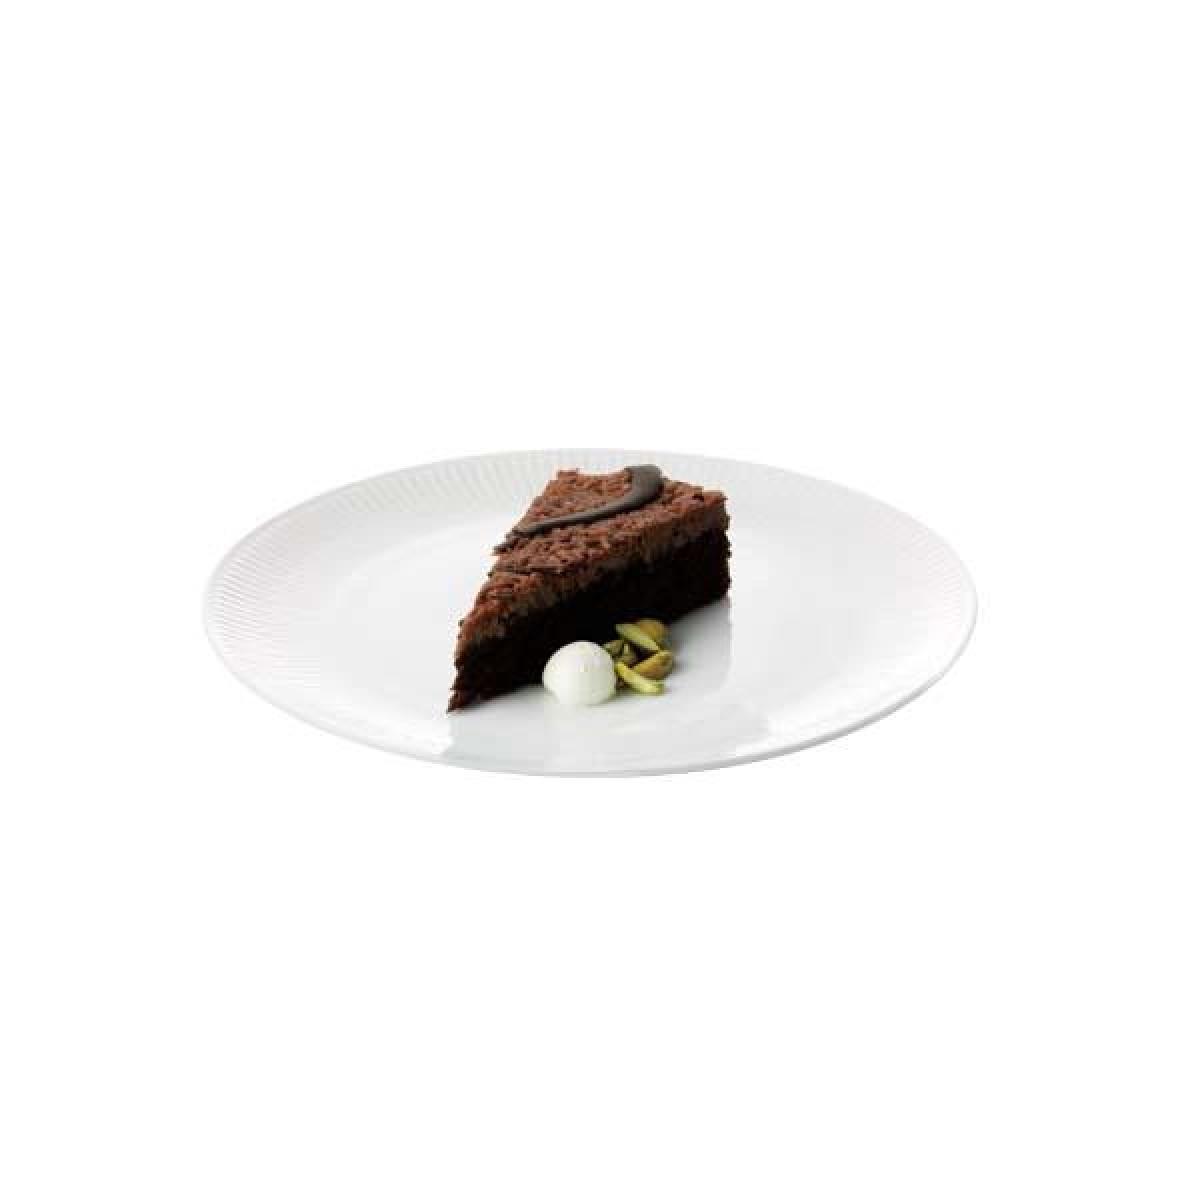 AIDA Relief desserttallerken 4 stk. 20 cm.